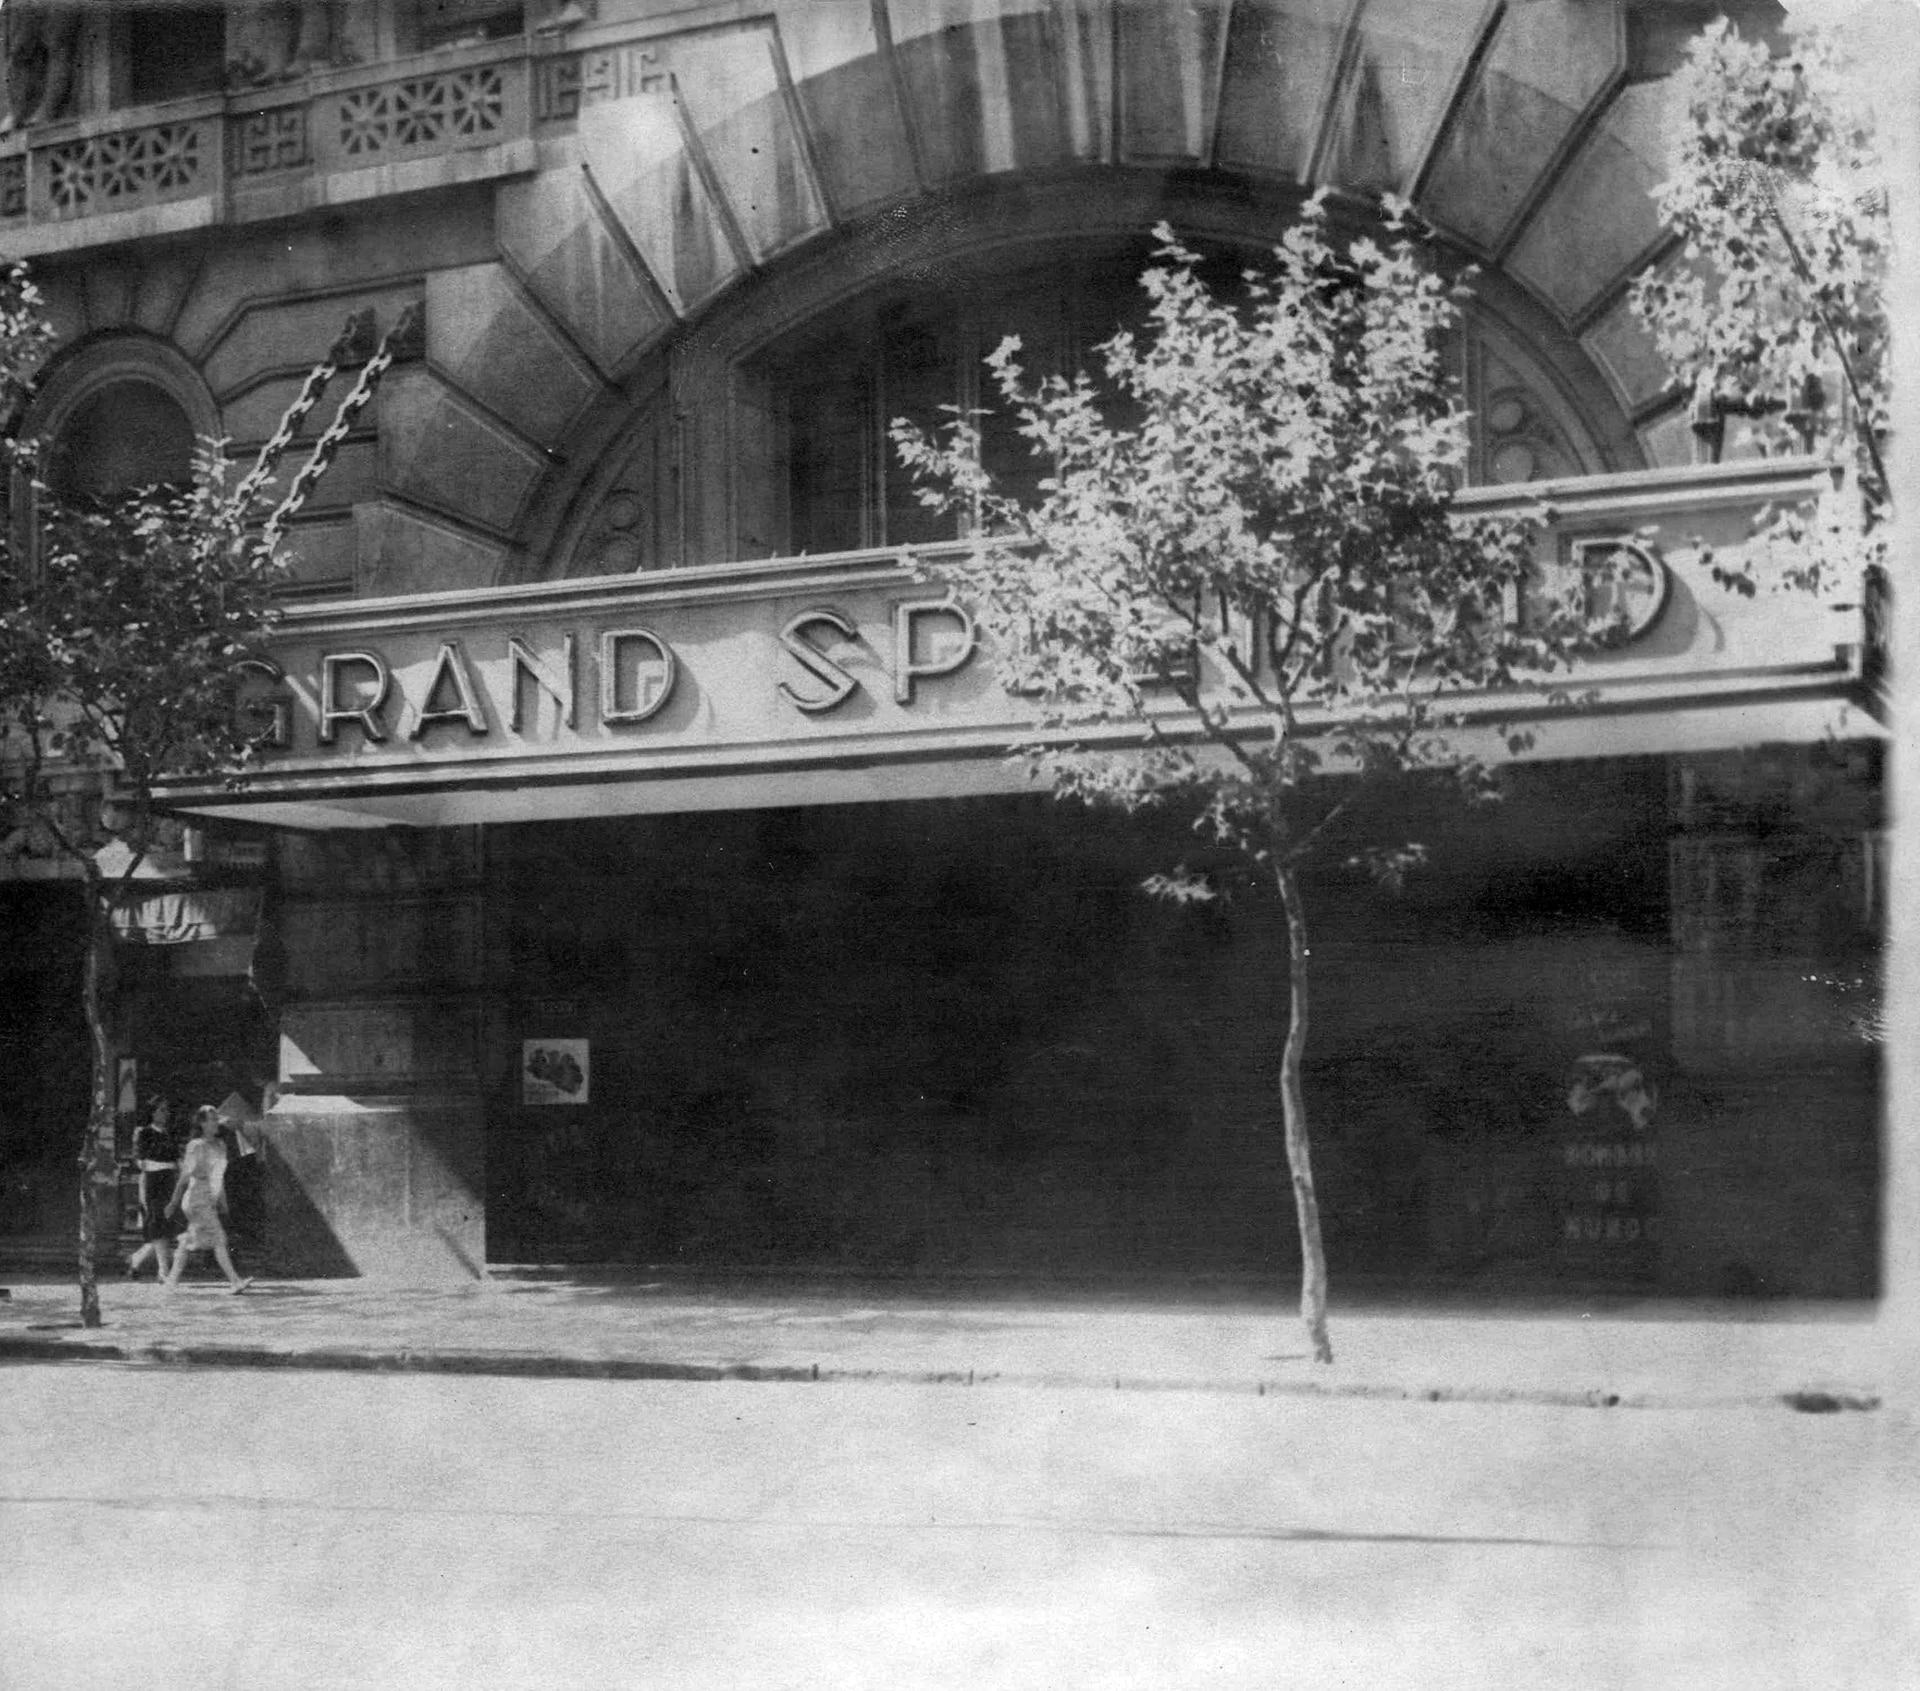 Frente de la emblemática sala en sus últimos años dedicados a los espectáculos de cine y otras actividades, como actos musicales de la Escuela Argentina Modelo.